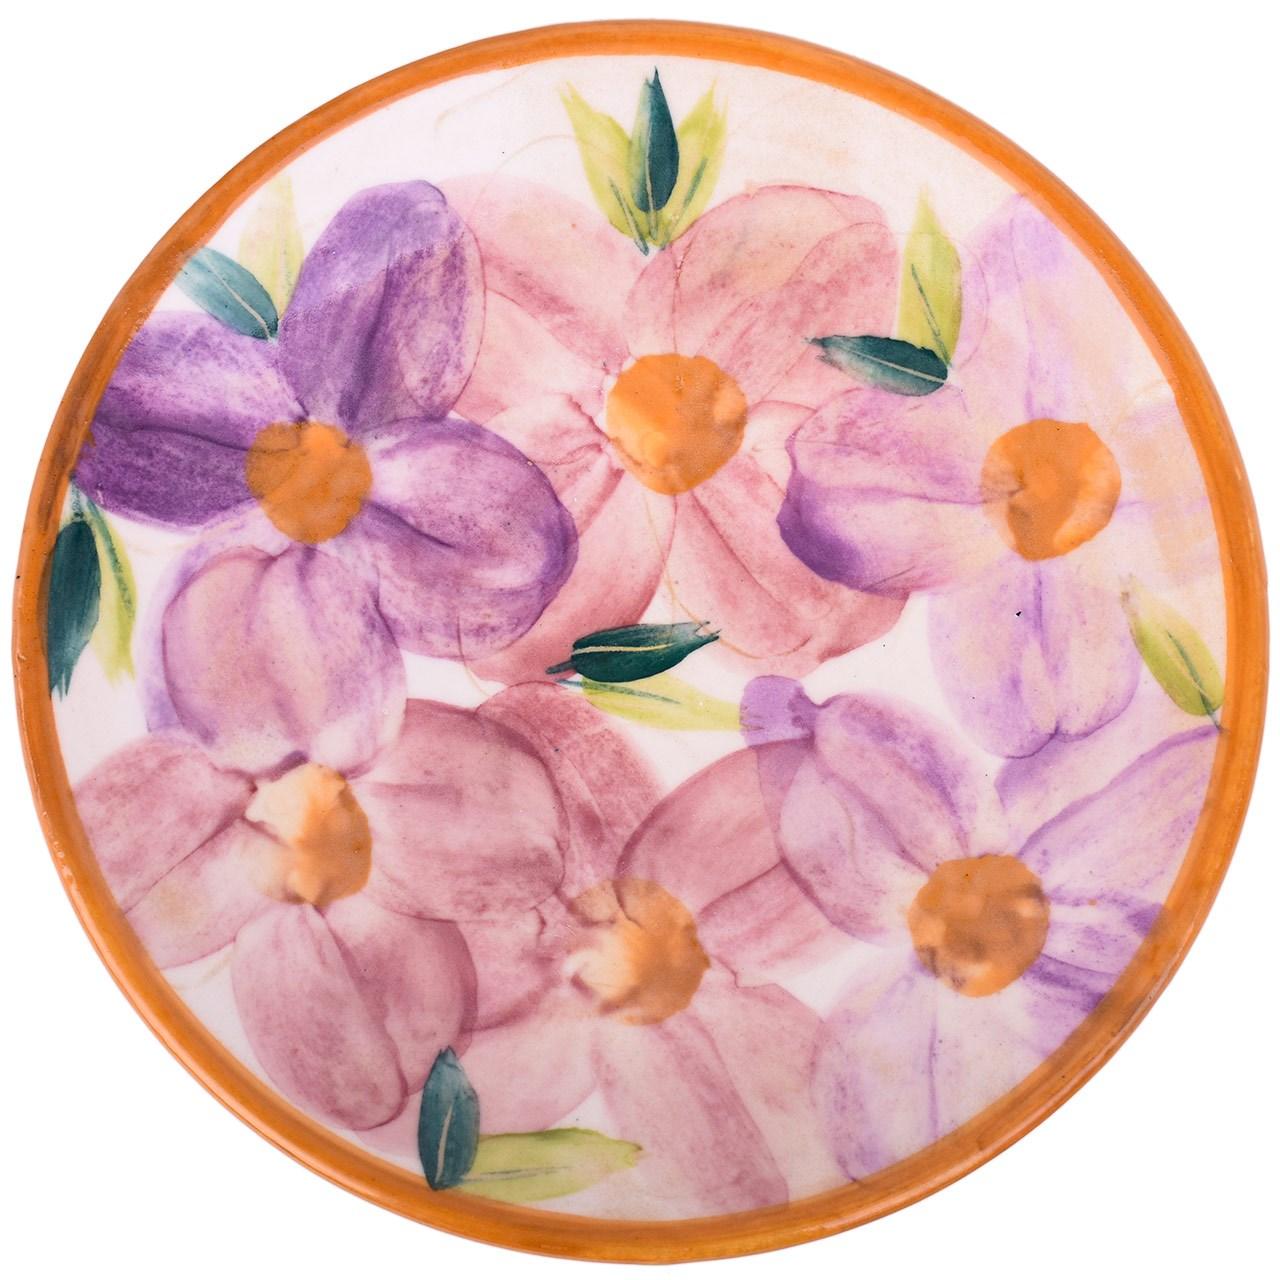 بشقاب سفالی ملکه خورشید طرح گل های روشن مدل 00-01 قطر 25 سانتی متر